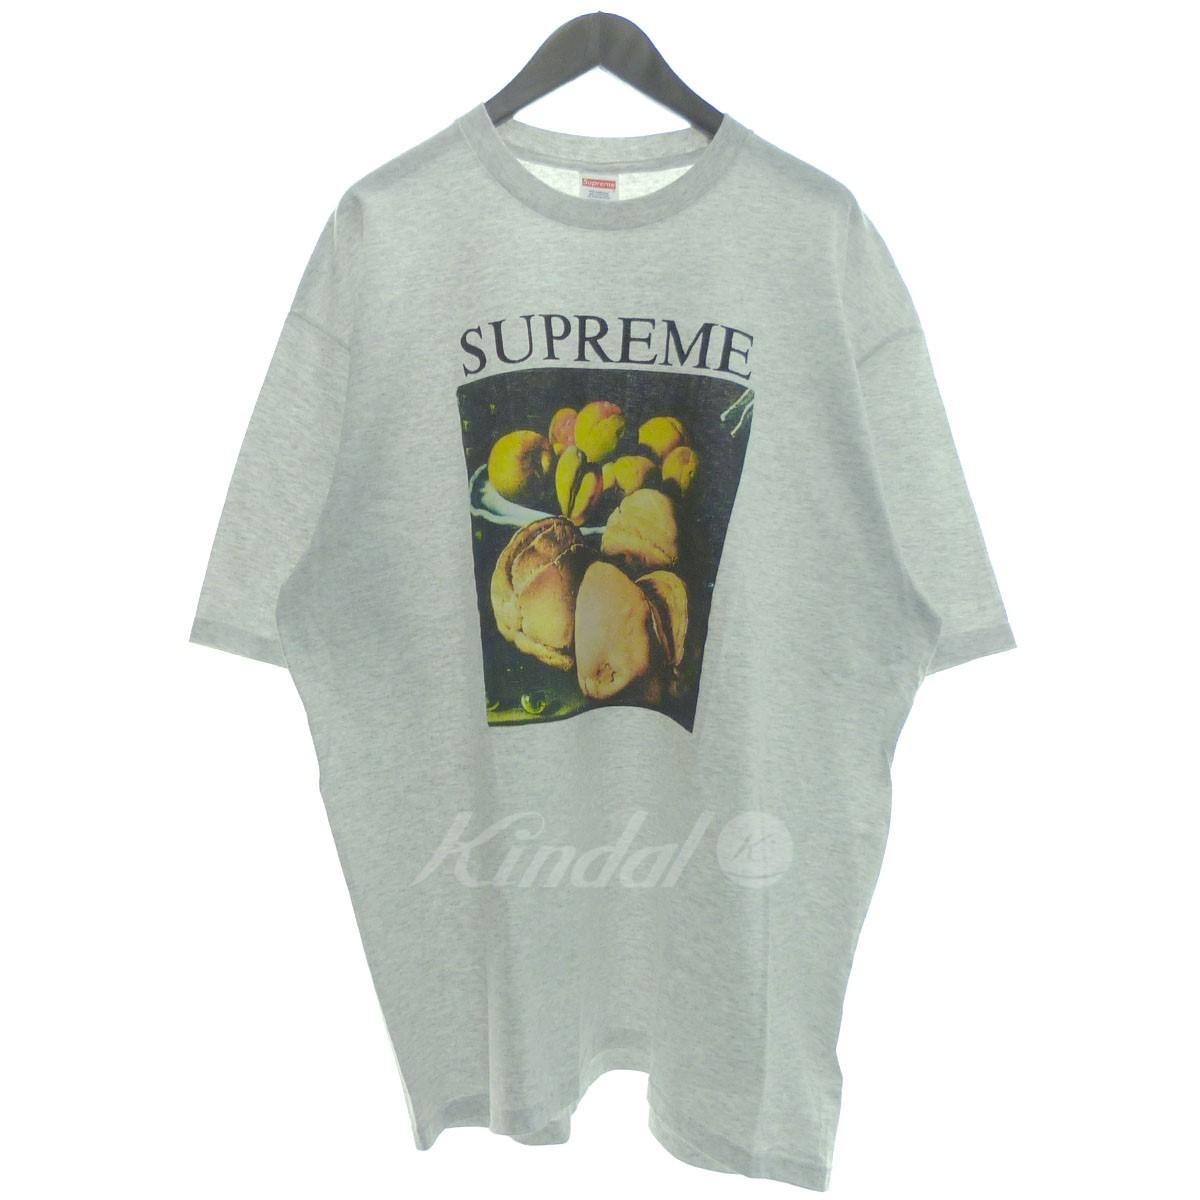 【中古】SUPREME '18AW 「Still Life Tee」スティルライフTシャツ グレー サイズ:XL 【送料無料】 【221018】(シュプリーム)